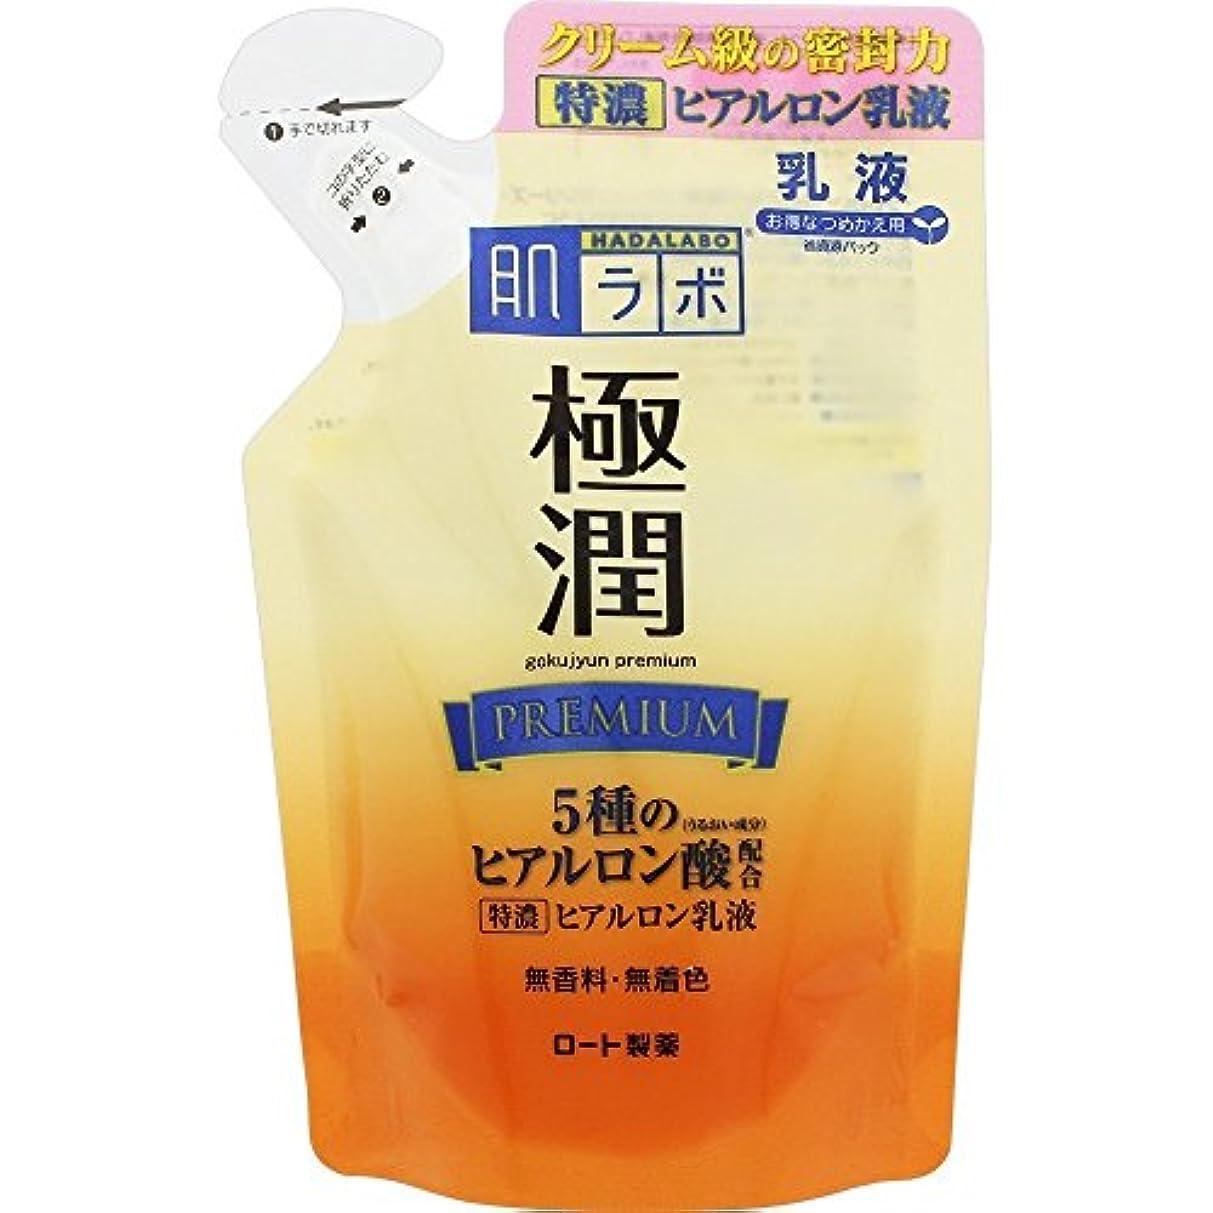 動的意欲怖い肌ラボ 極潤プレミアム ヒアルロン乳液 <つめかえ用> 140mL